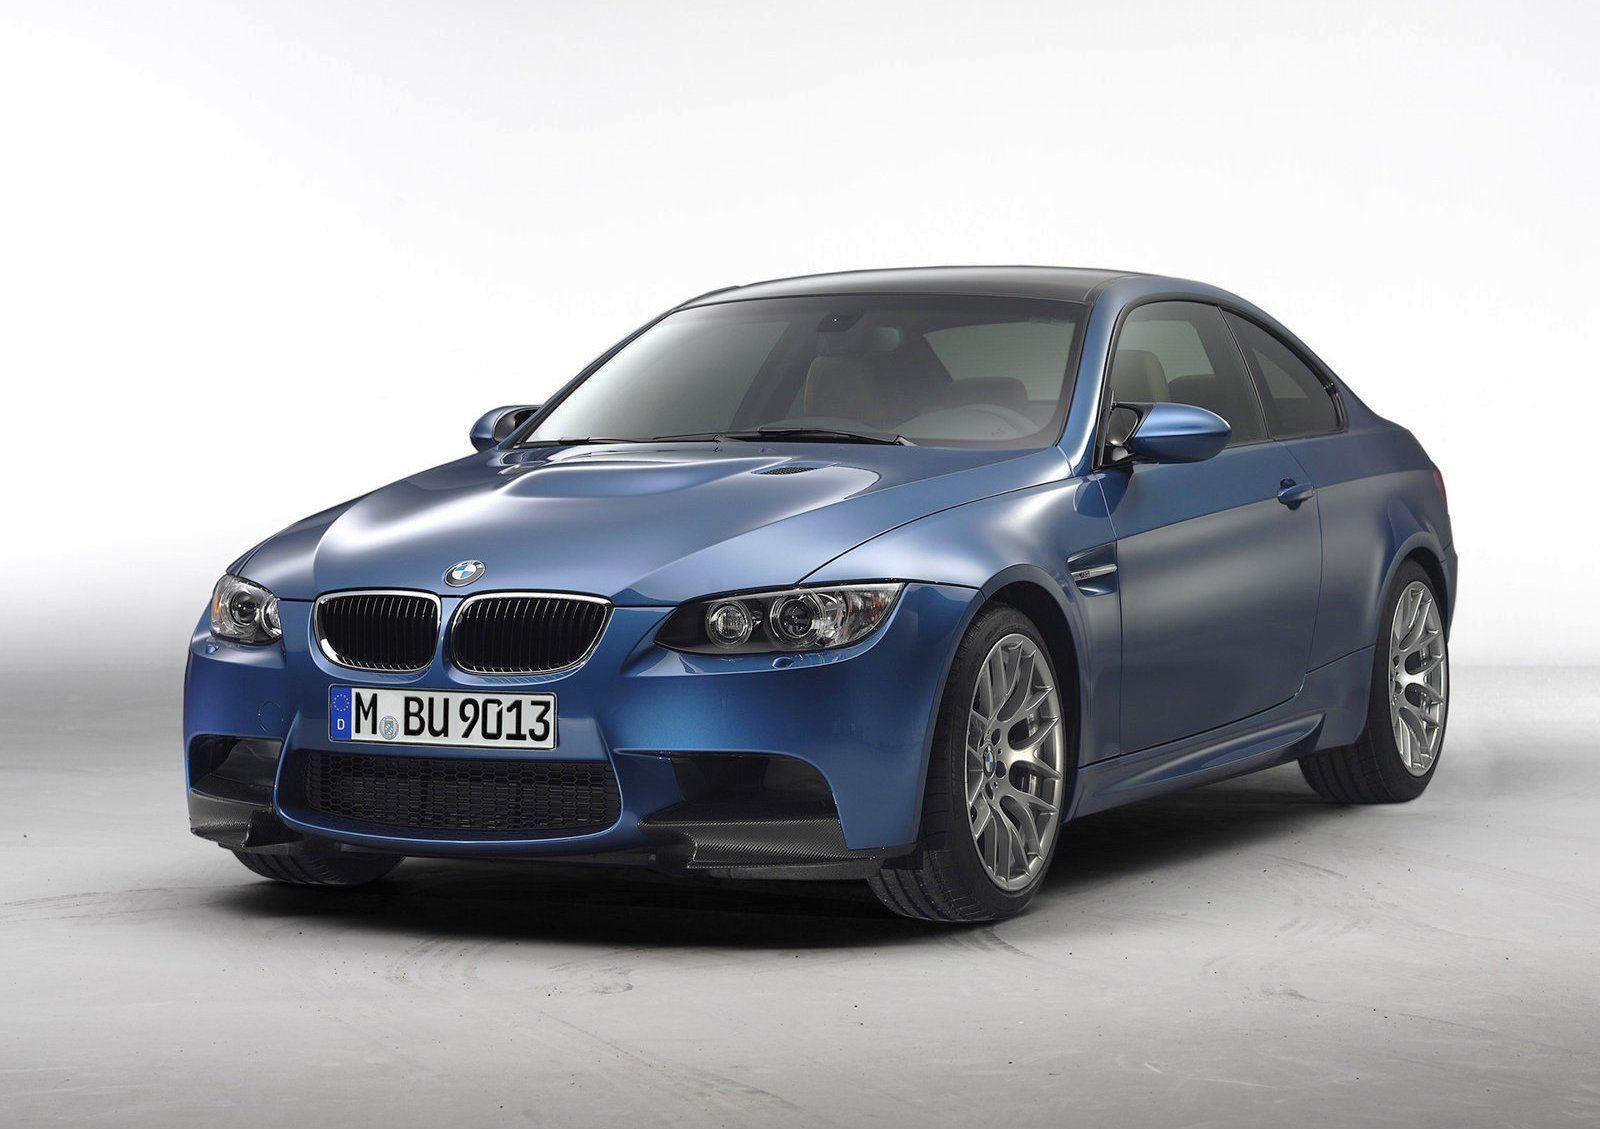 Bmw Blue Bmw M3 Navy Blue Bmw Bmw M3 Bmw M3 Sedan